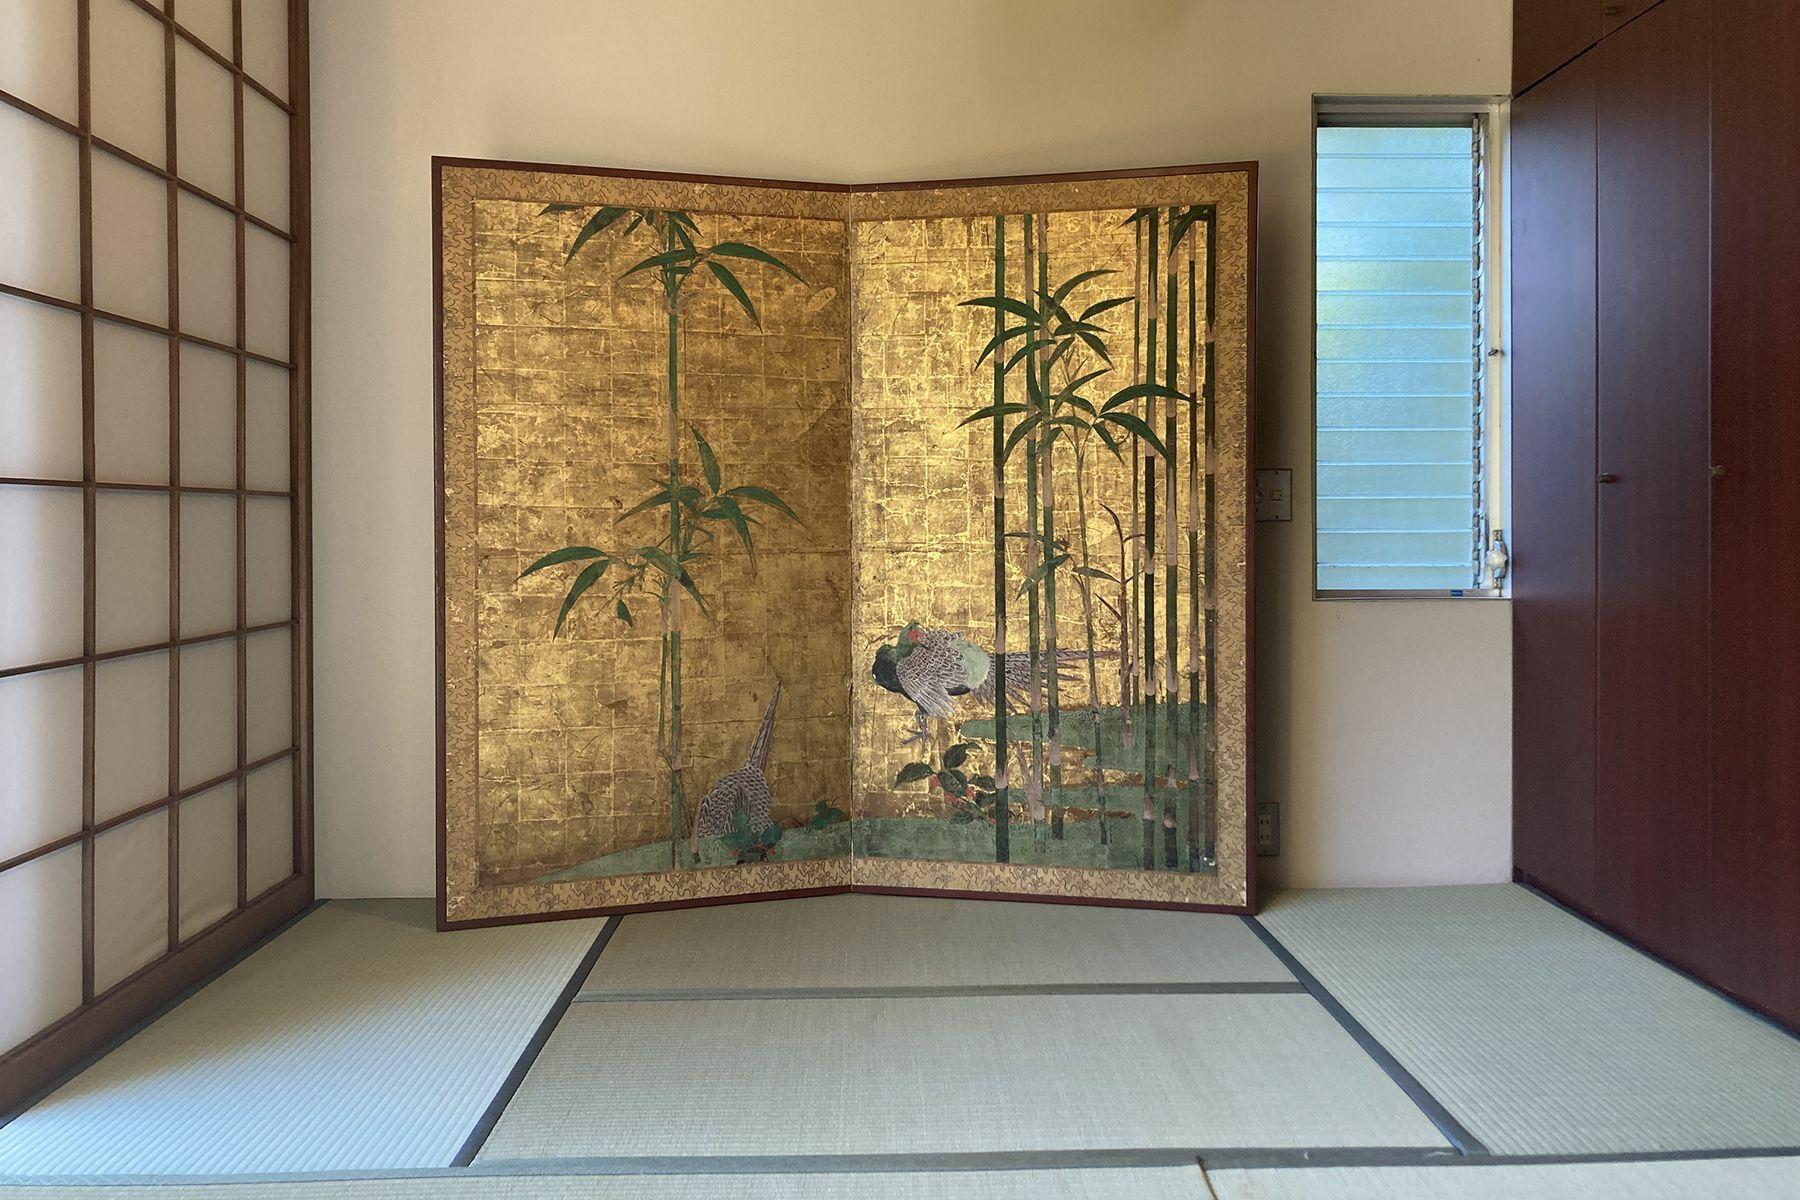 Arcstudio(アークスタジオ)曲線が効いた階段